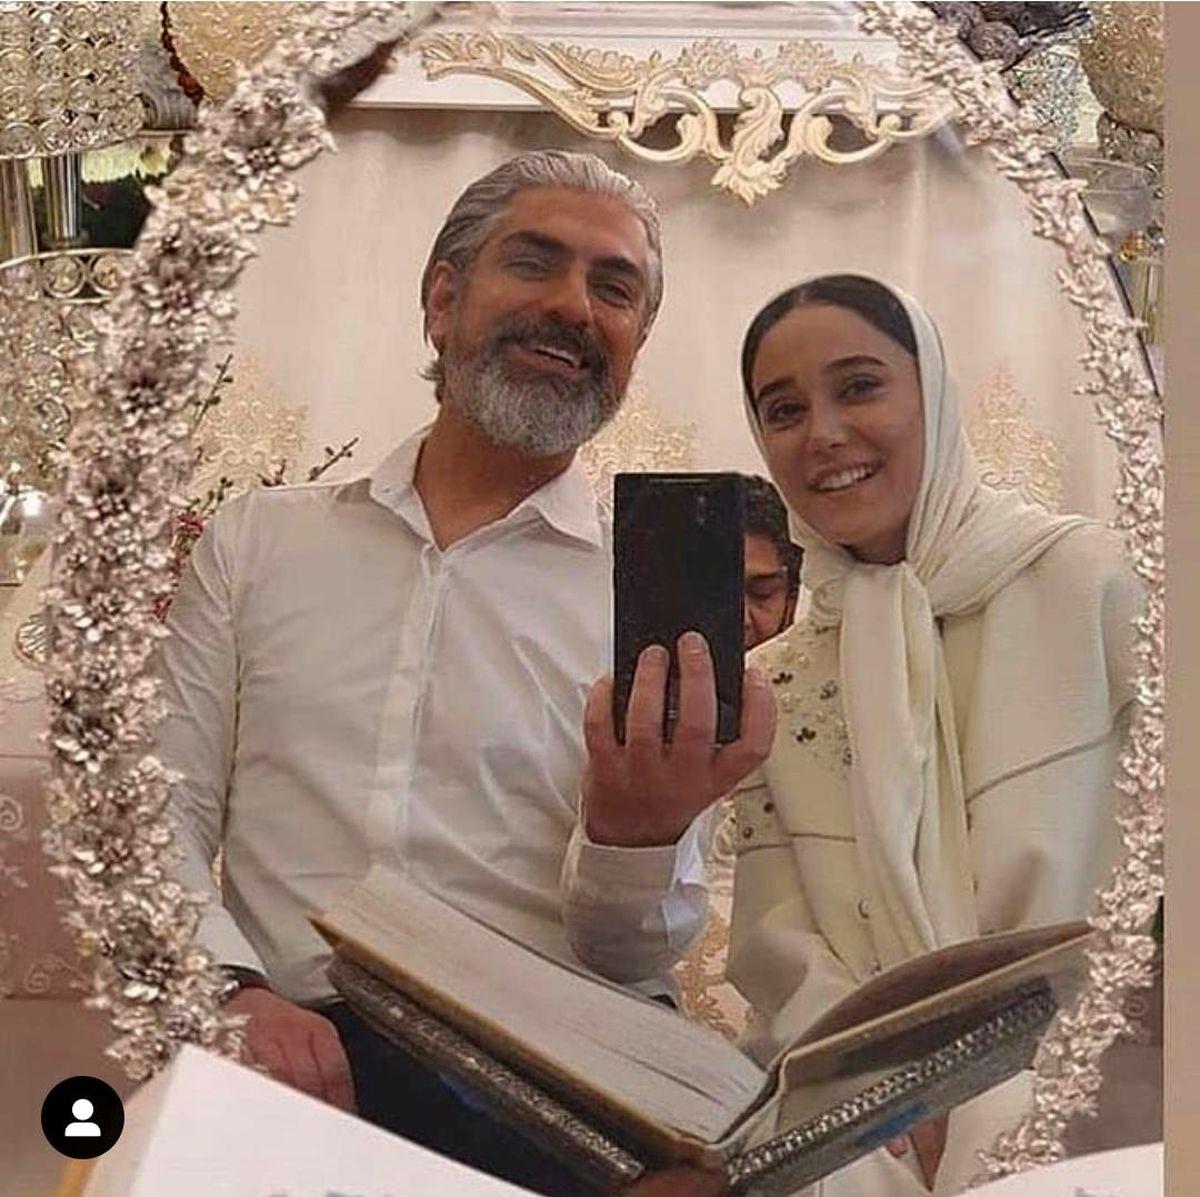 همسر بهنوش طباطبایی از همسر جوانش رونمایی کرد + عکس مراسم ازدواج